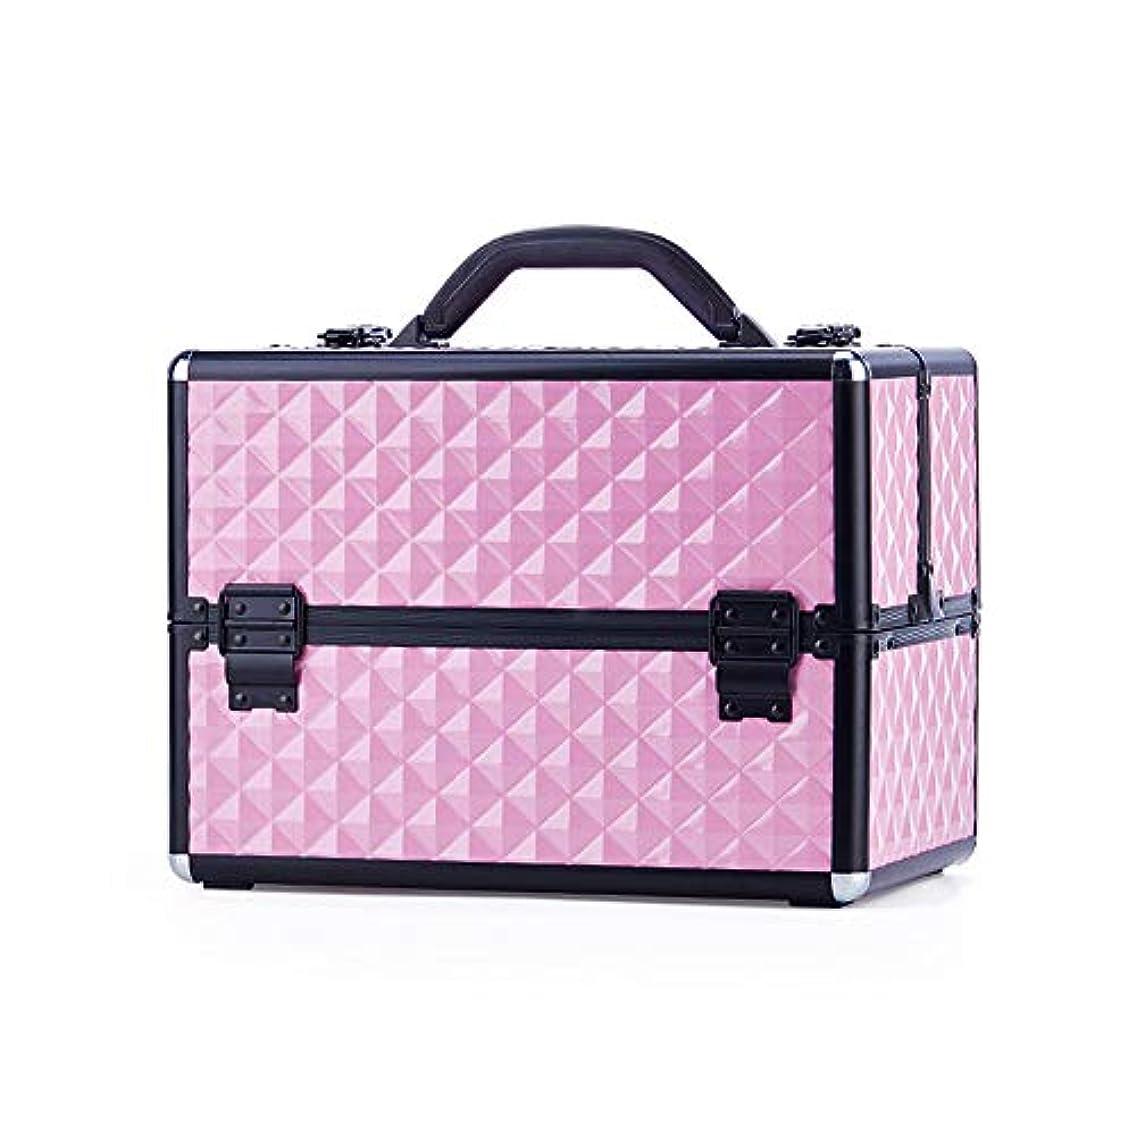 ハンディフック過度の特大スペース収納ビューティーボックス 美の構造のためそしてジッパーおよび折る皿が付いている女の子の女性旅行そして毎日の貯蔵のための高容量の携帯用化粧品袋 化粧品化粧台 (色 : ピンク)